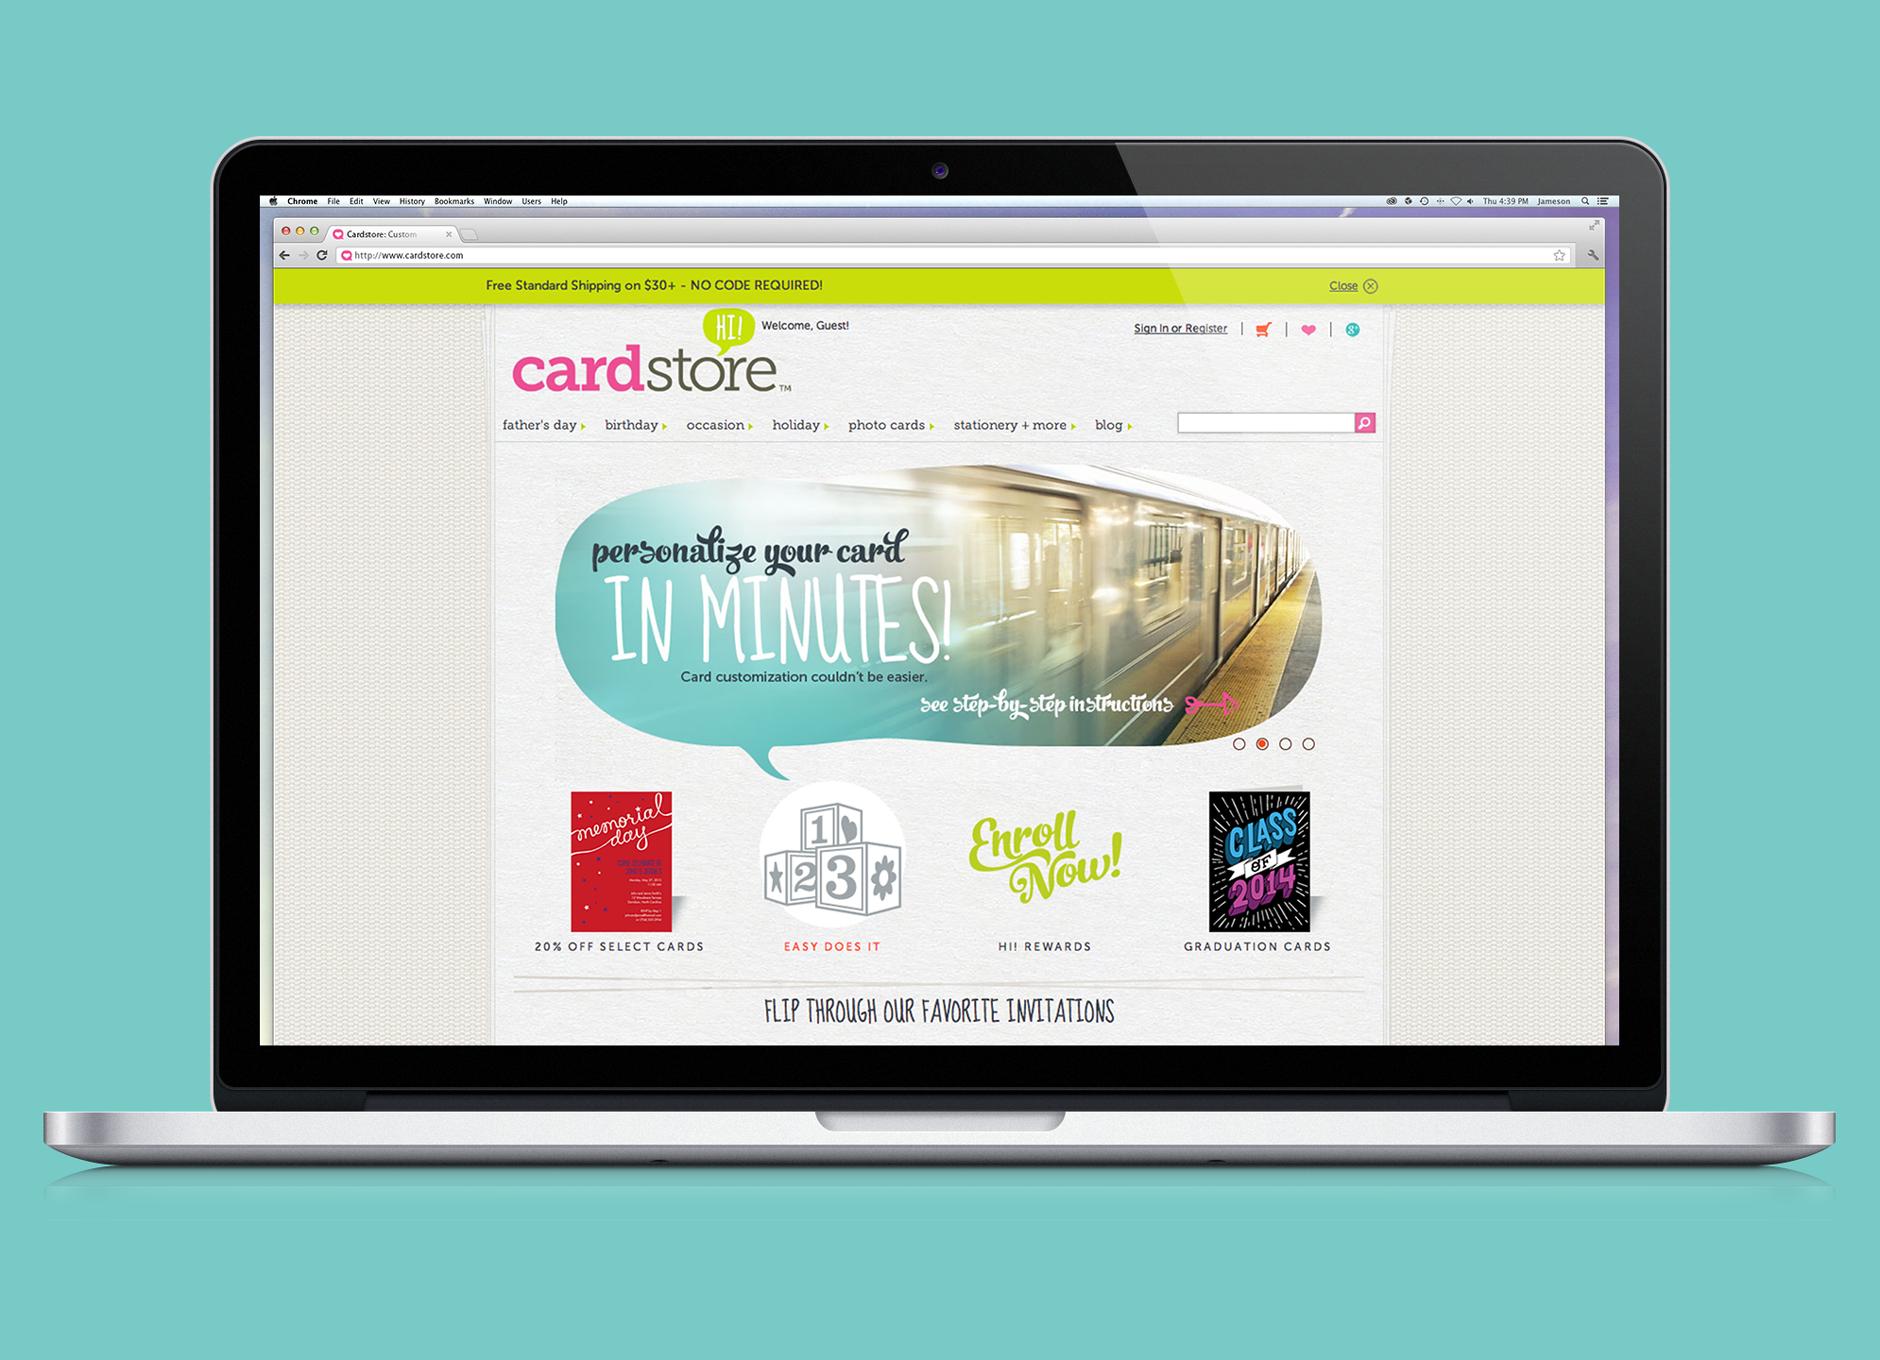 American Greetings Cardstore Website Design Designroom